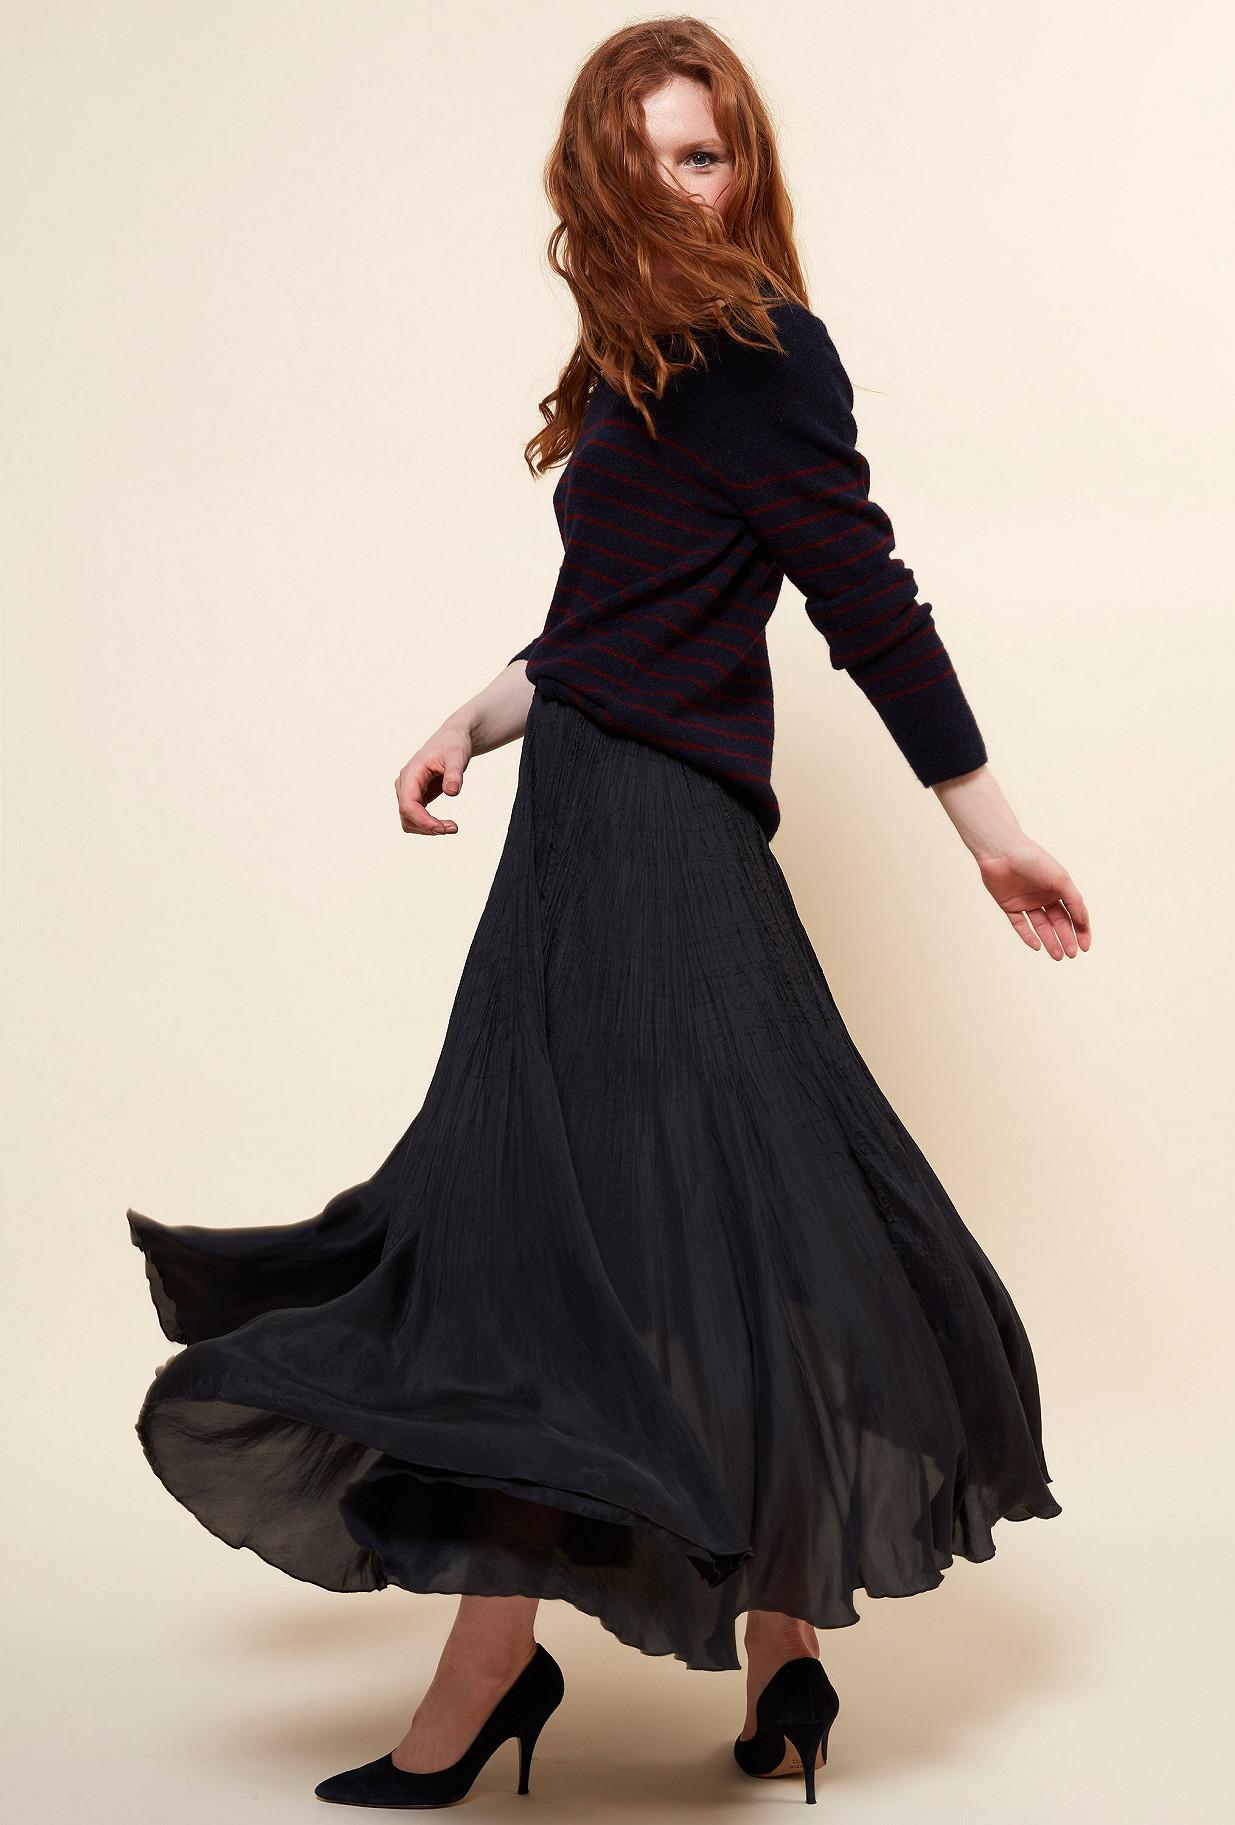 Jupe Noir  Phedre mes demoiselles paris vêtement femme paris